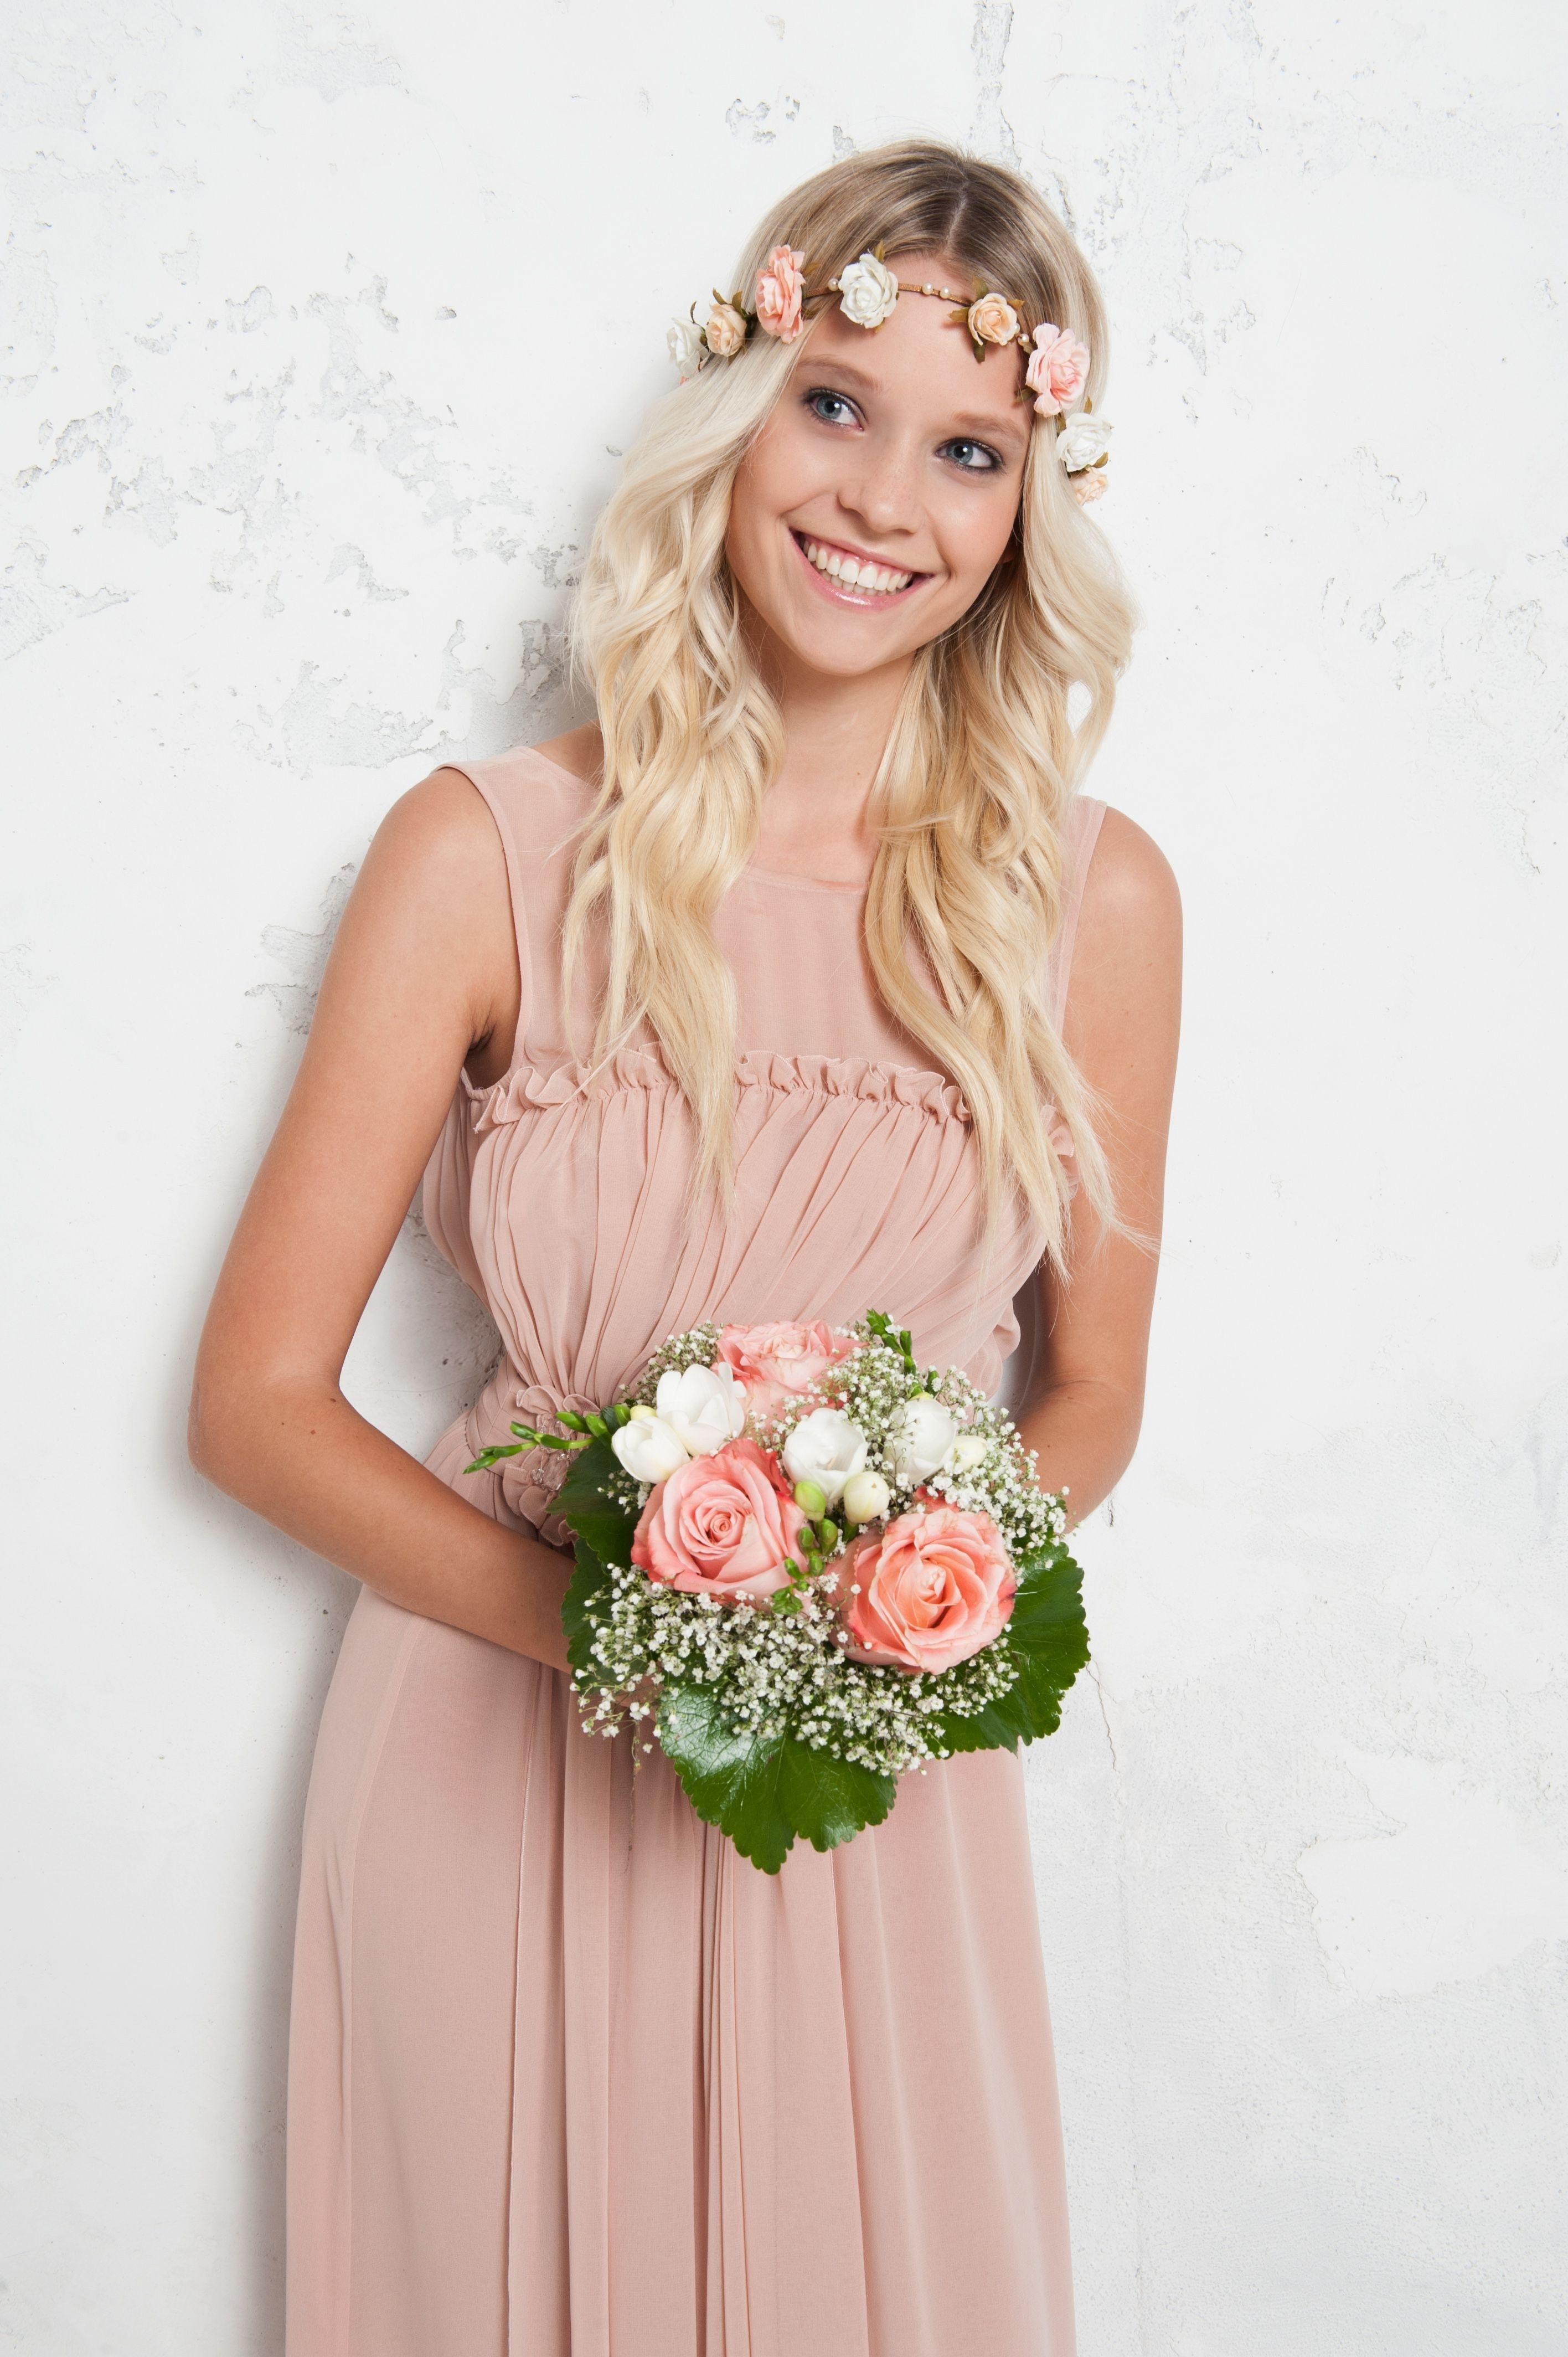 Kreativ Sommerkleid Hochzeit Bester PreisFormal Top Sommerkleid Hochzeit Galerie